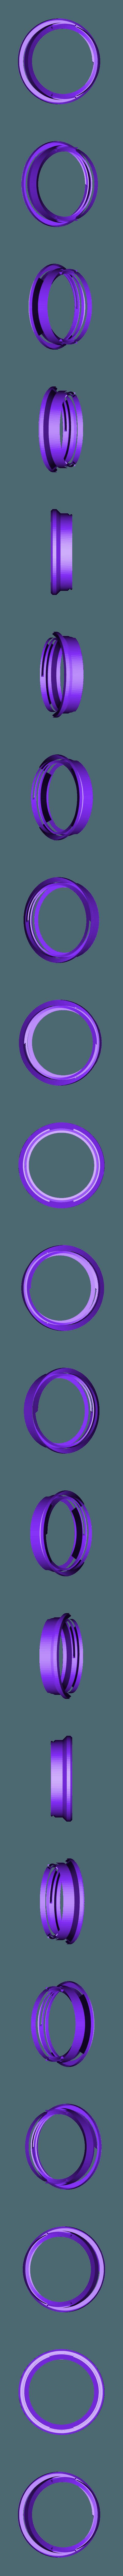 dice-cap.stl Télécharger fichier STL gratuit Rouleau à dés motorisé • Objet pour impression 3D, Adafruit